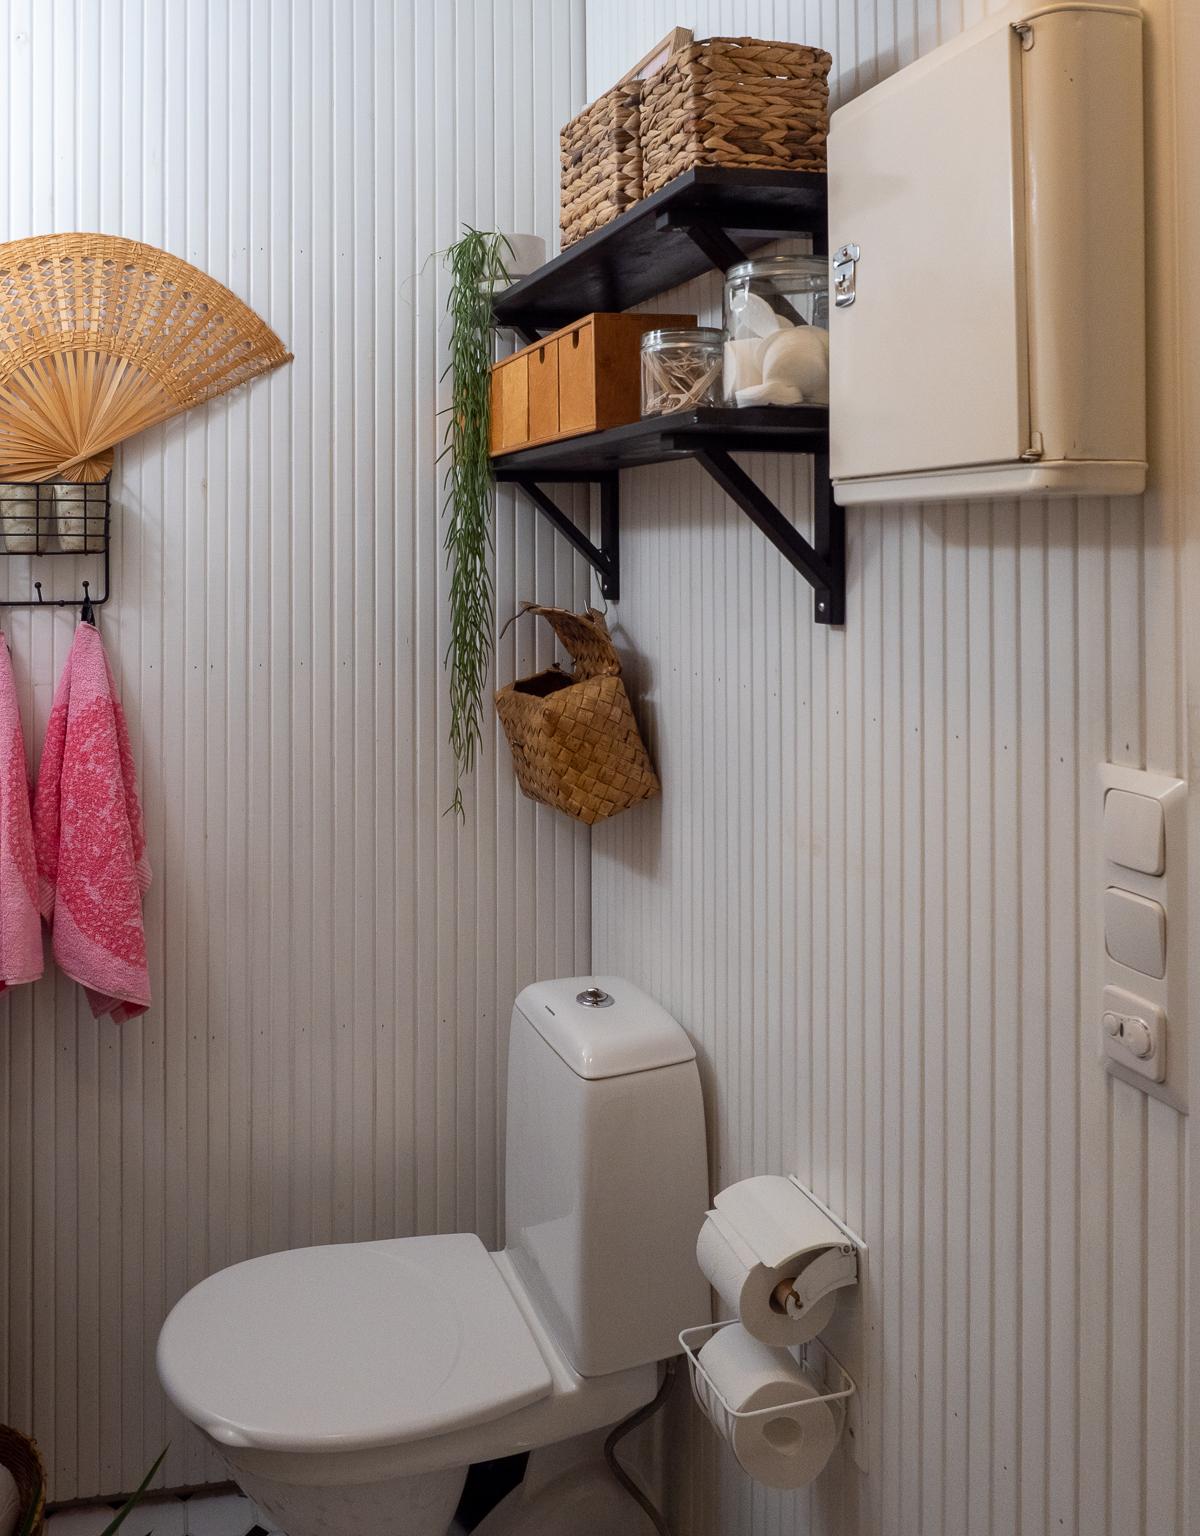 pienen kylpyhuoneen säilytysratkaisut